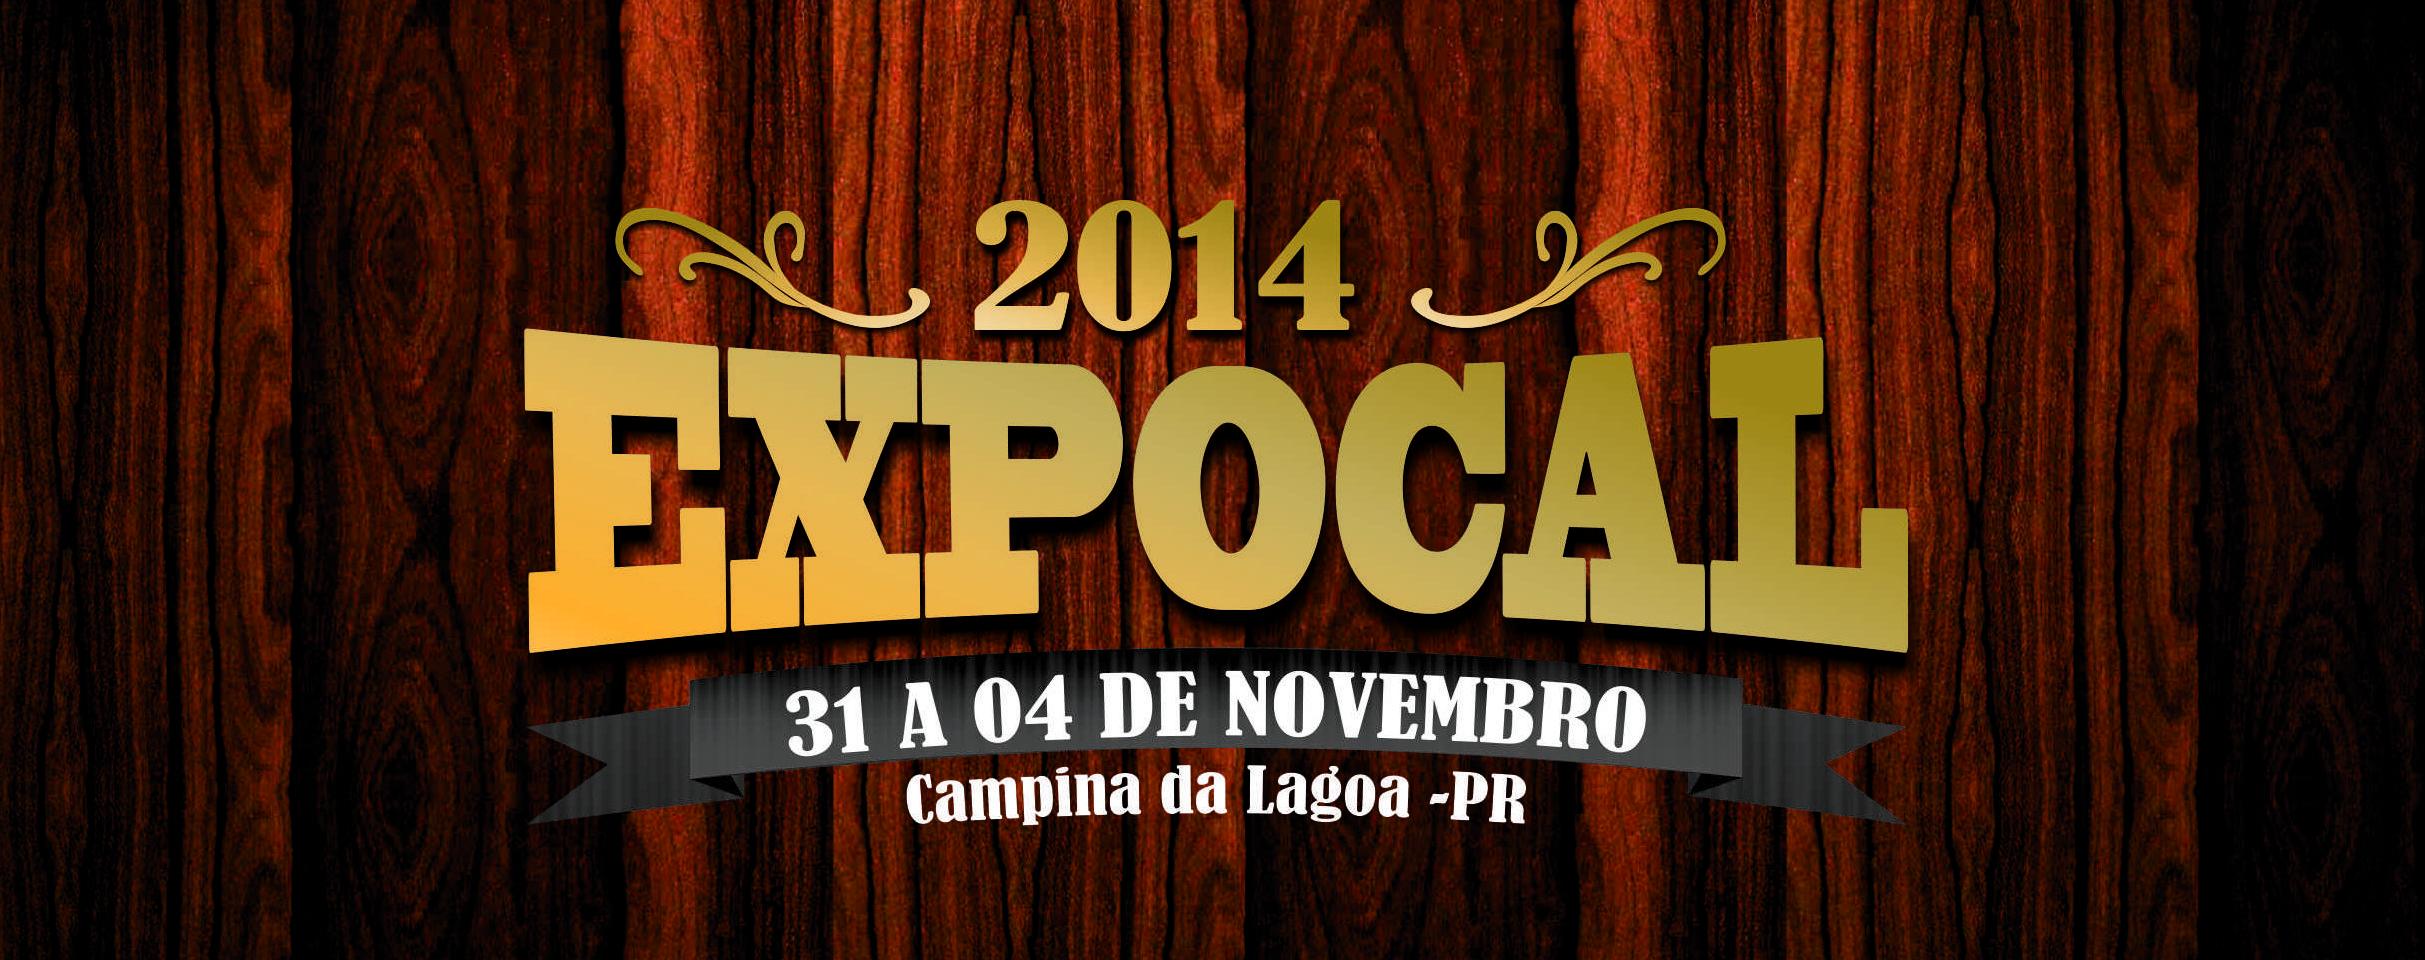 Expocal 2014